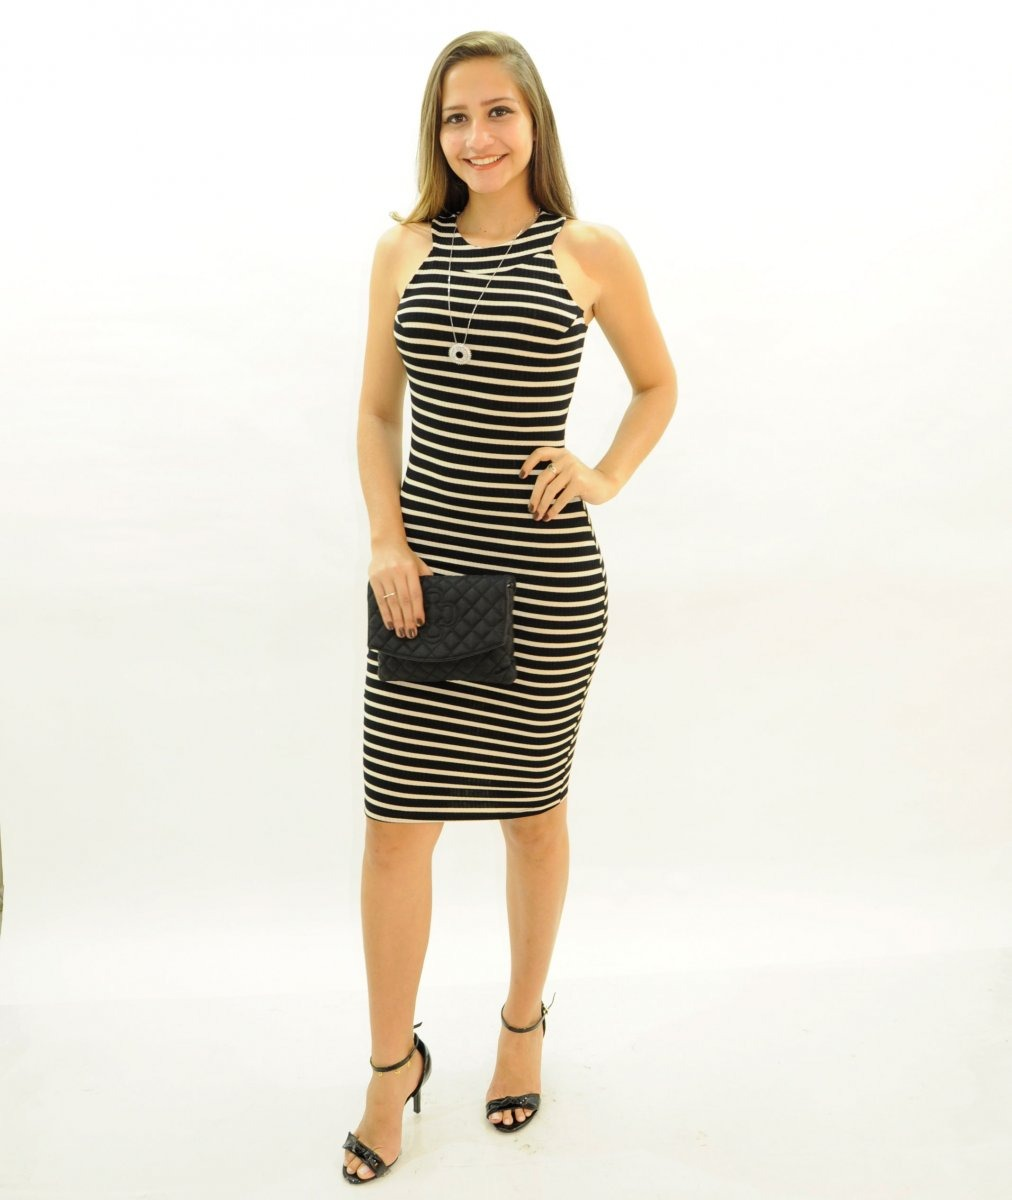 139014ca4 Vestido Feminino Listrado Malha Canelada - R  69